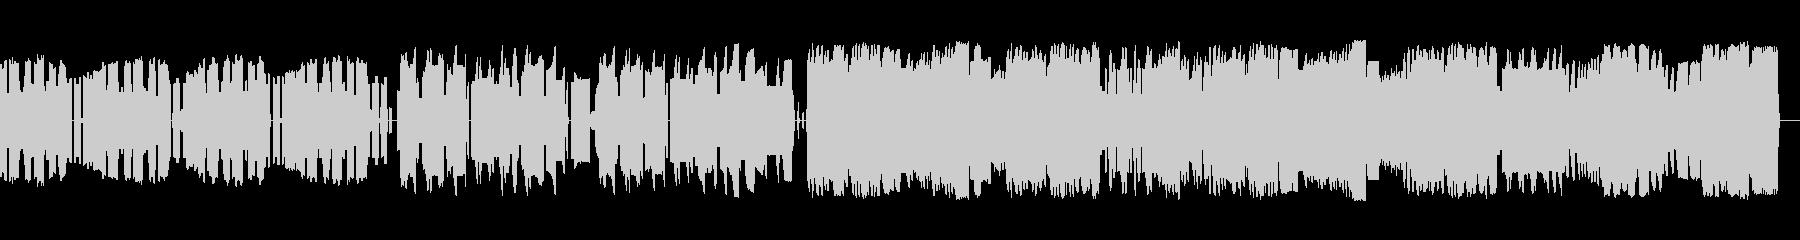 ファミコン音源によるバラード曲の未再生の波形